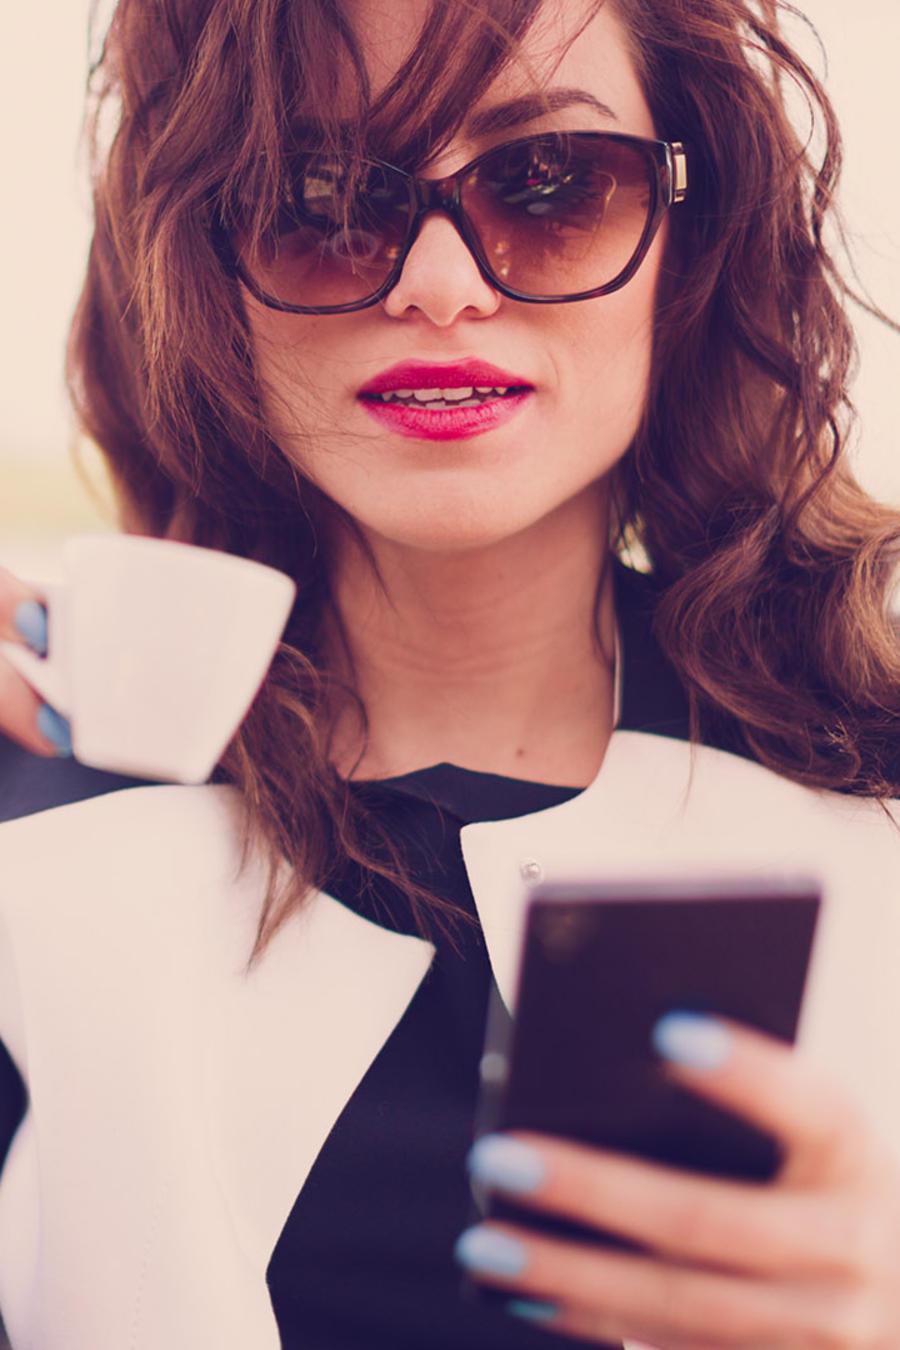 Mujer bebiendo café y sosteniendo un celular